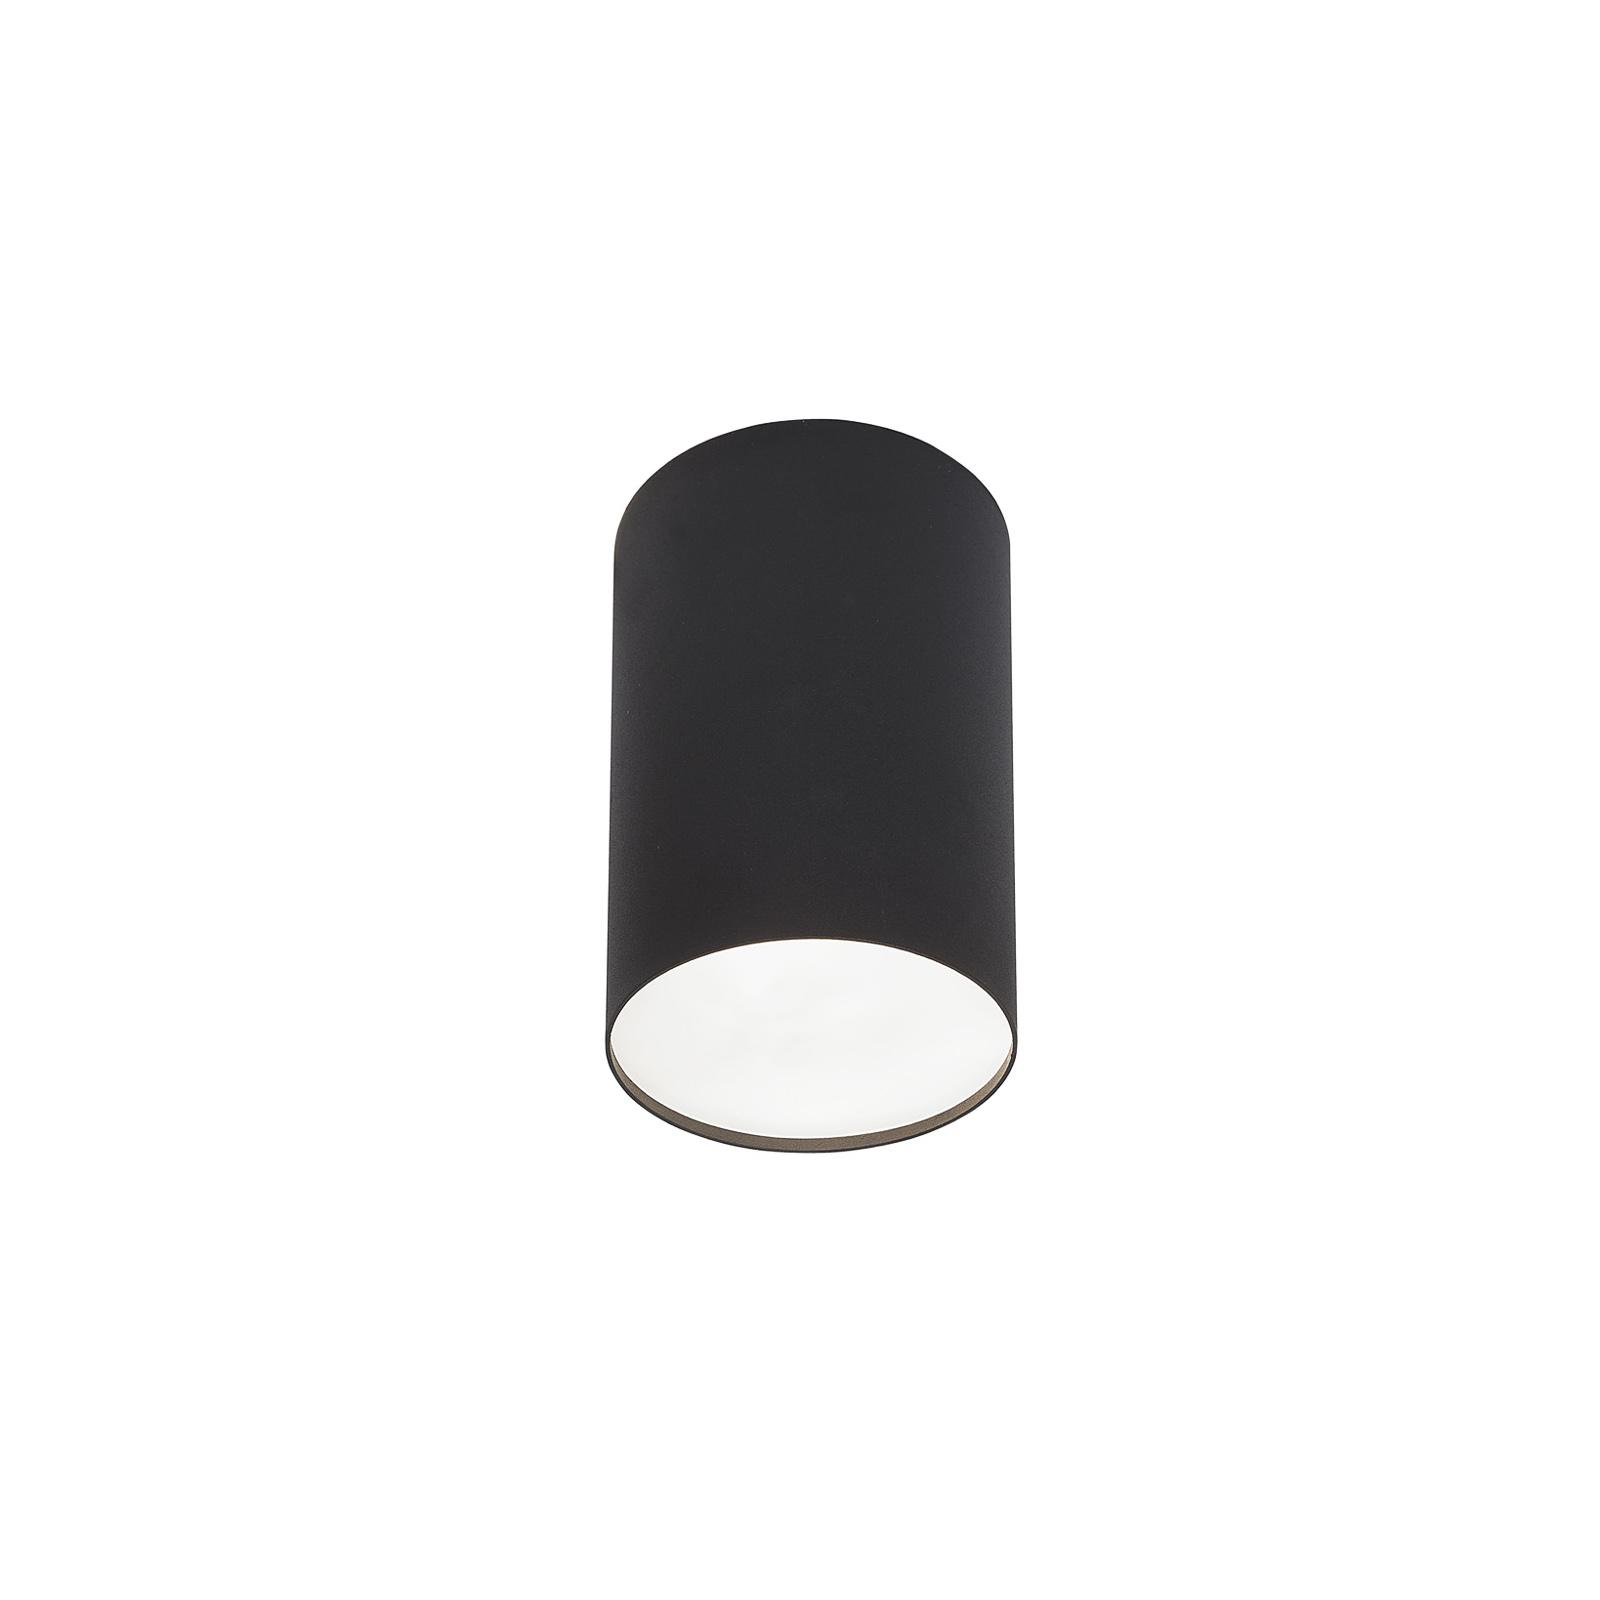 Deckenstrahler Point Plexi L schwarz/weiß